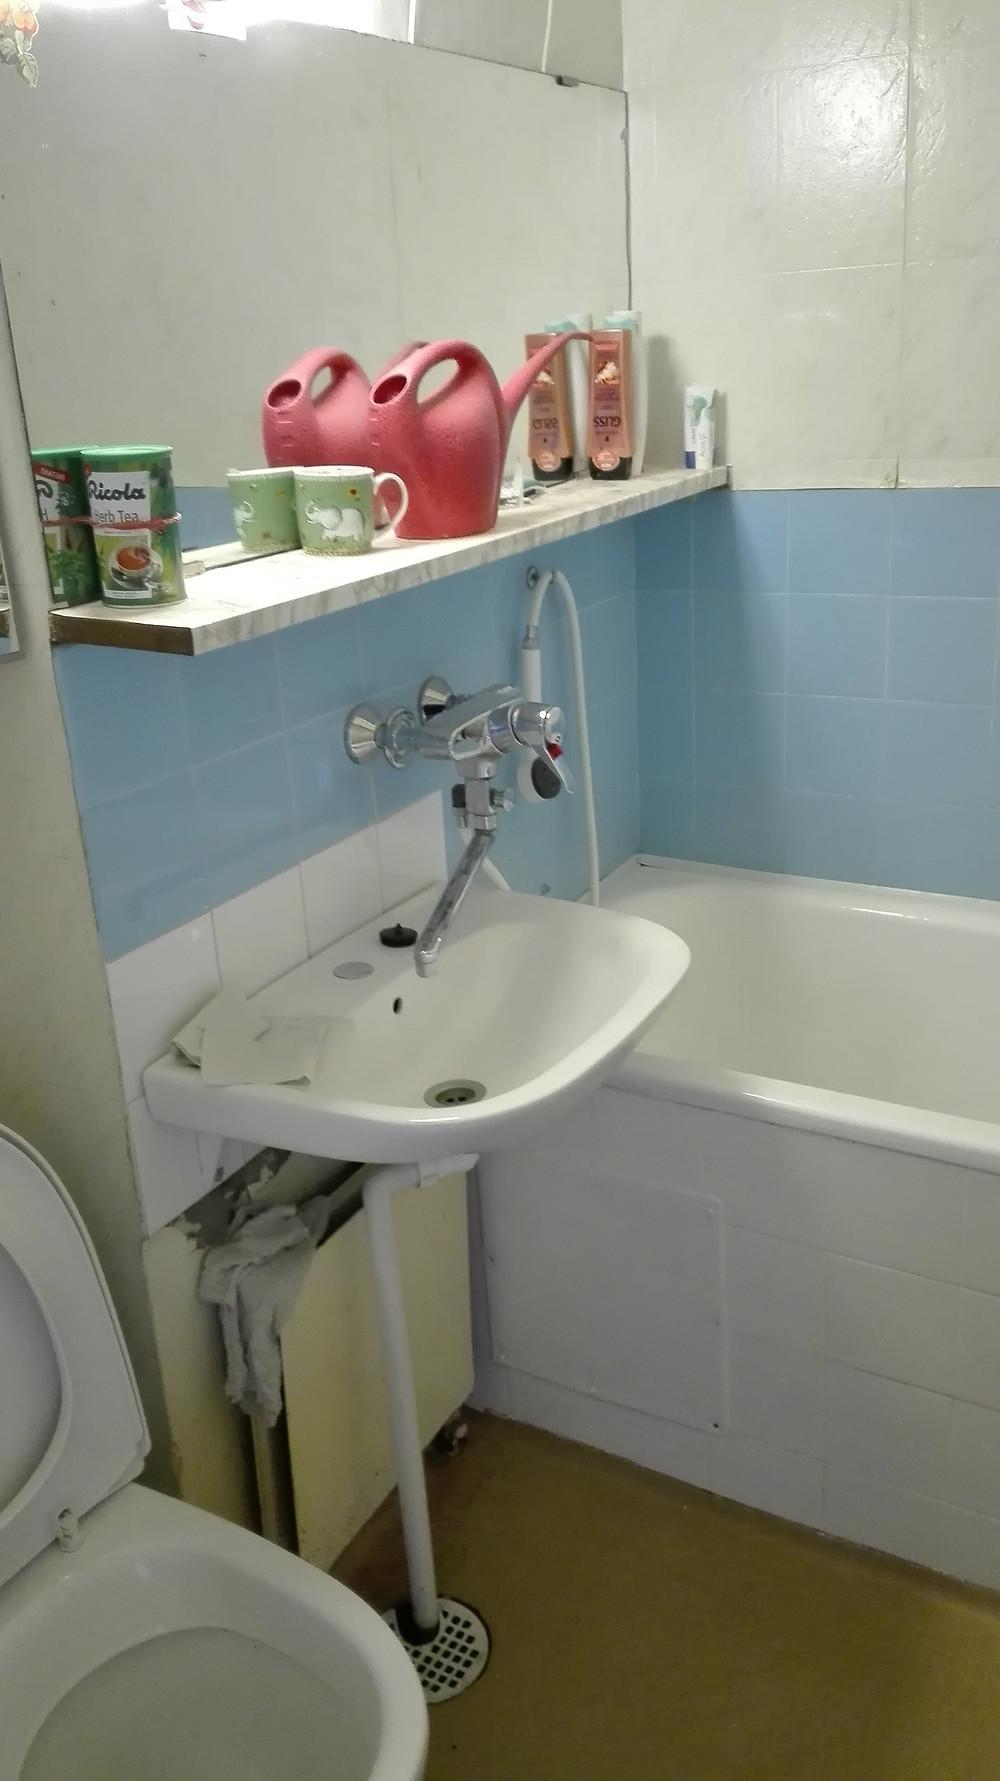 Kylpyhuoneessa asbestia voi olla esimerkiksi seinä- ja kattotasoitteissa ja maaleissa, saumauslaastissa, kiinnityslaastissa ja seinäharkoissa. Vedeneristeissä voi esiintyä PAH-yhdisteitä. Putkihormista voi löytyä asbestipitoisia eristeitä.